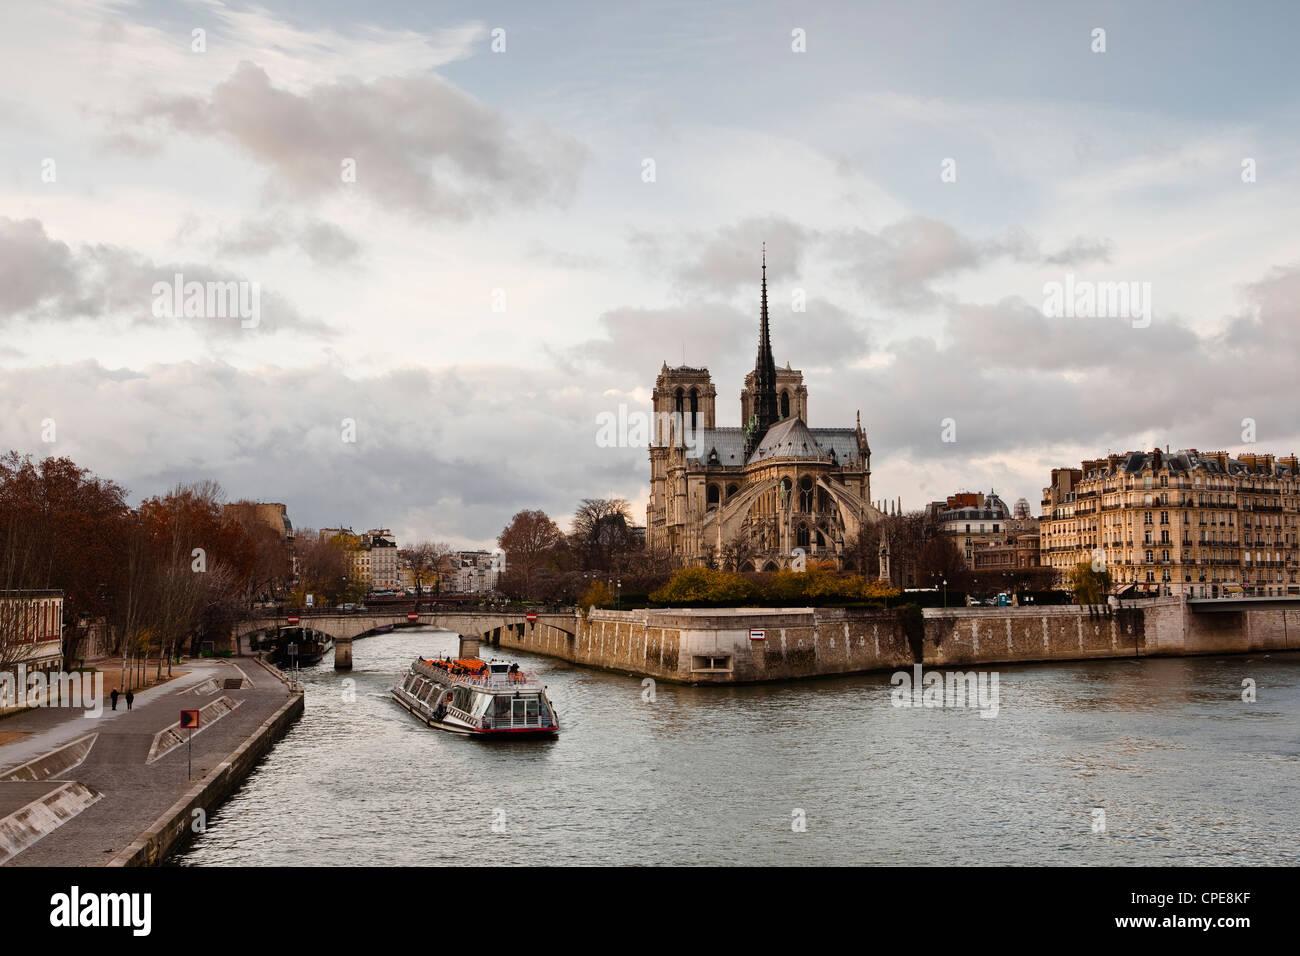 Notre Dame cathedral on the Ile de la Cite, Paris, France, Europe - Stock Image